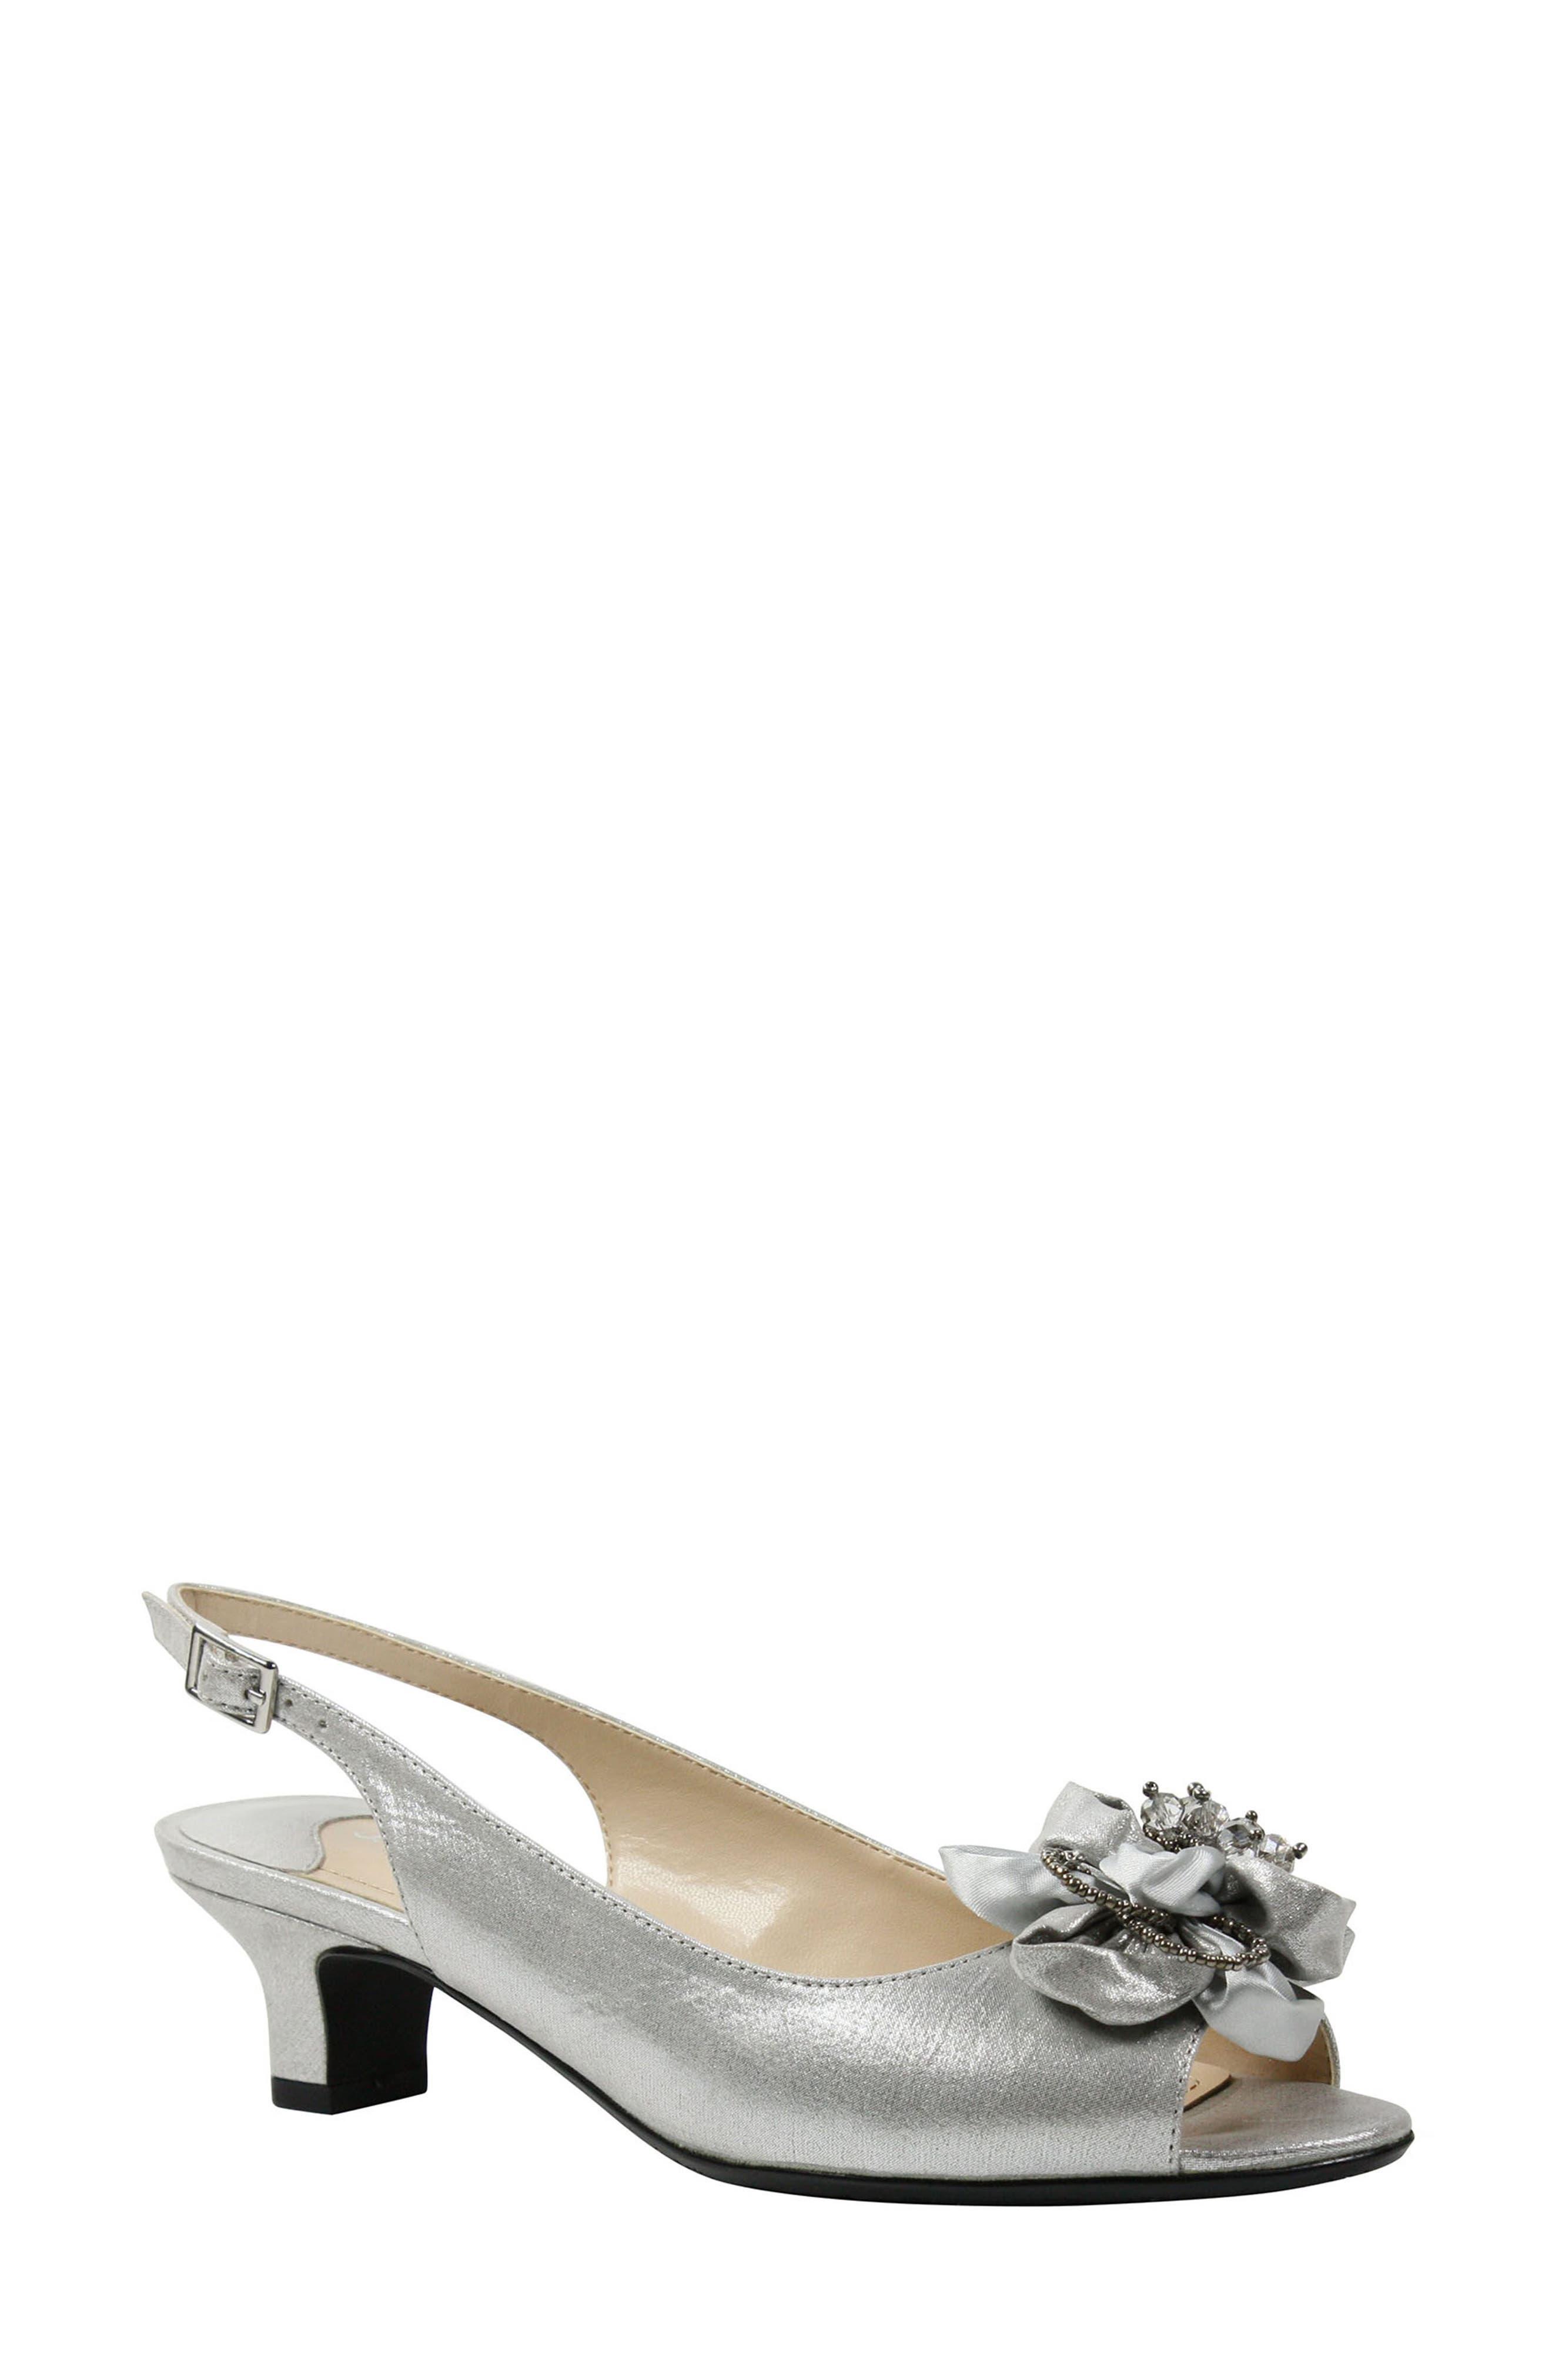 Leonelle Slingback Crystal Embellished Sandal, Main, color, SILVER SATIN